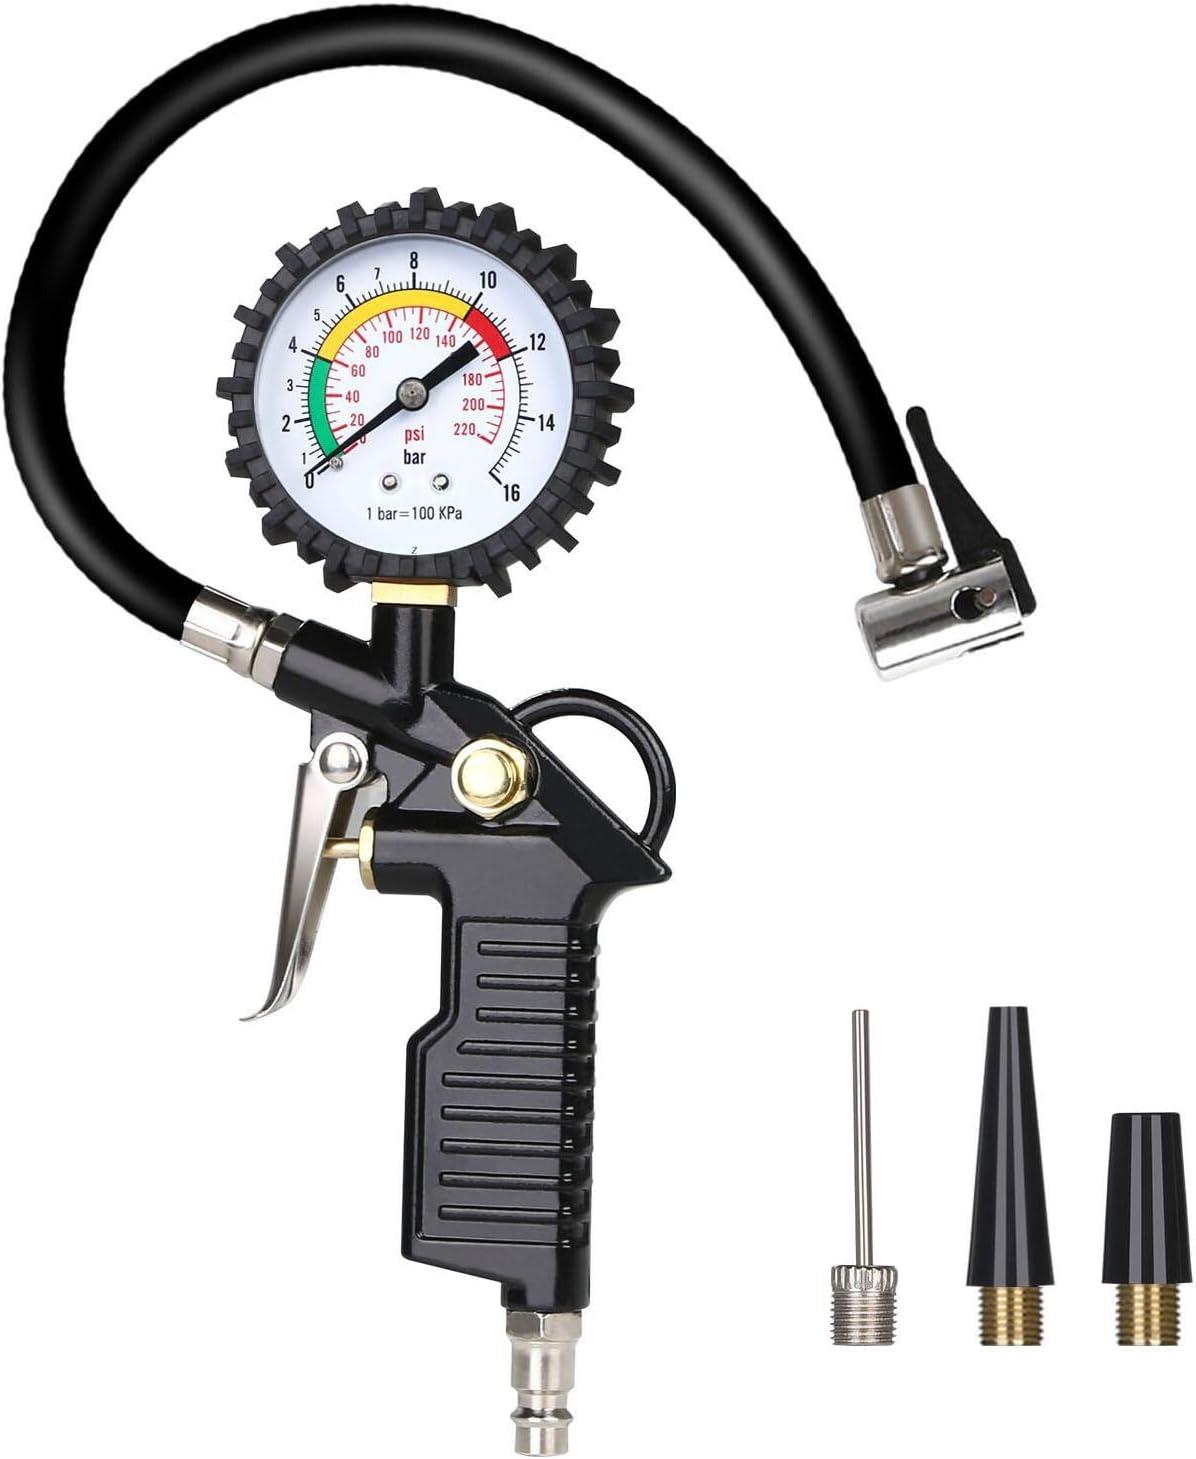 URAQT Manómetro Digital, Manómetro de Neumáticos, Medidor de Presión de Neumáticos con Manguera y Acoplador para Motocicleta, Bcicleta y Coche